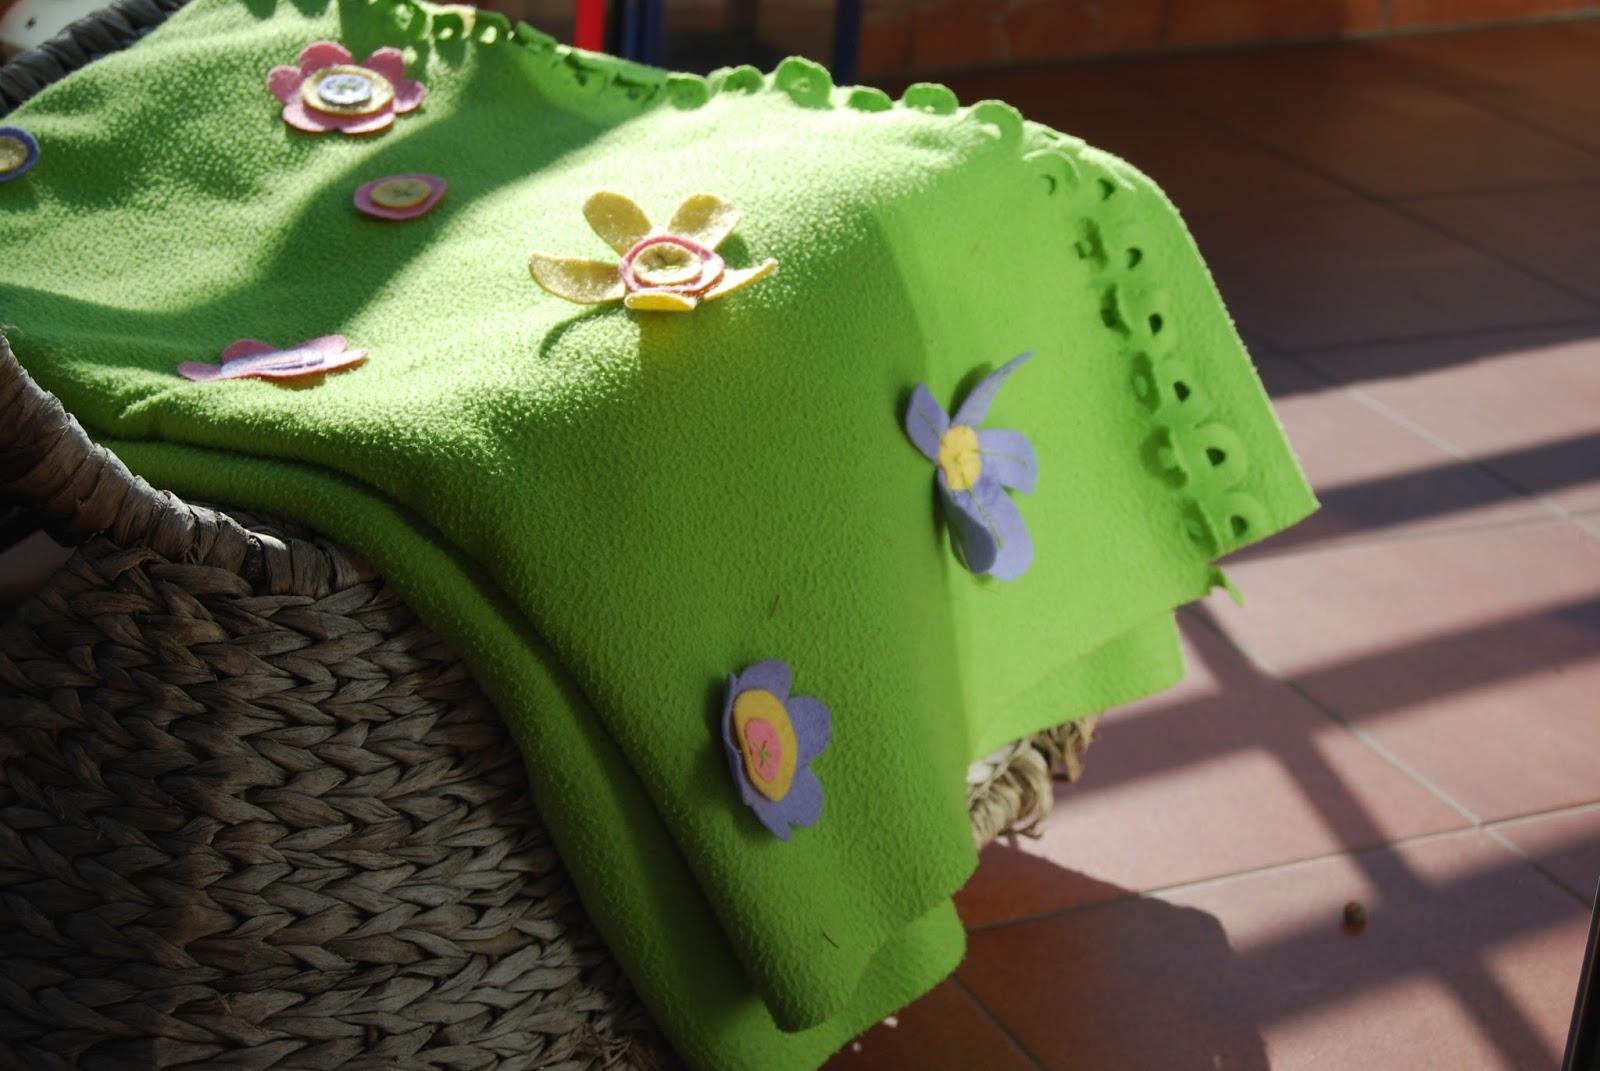 Manta para picnic diy handbox craft lovers comunidad diy tutoriales diy kits diy - Manta de picnic ...